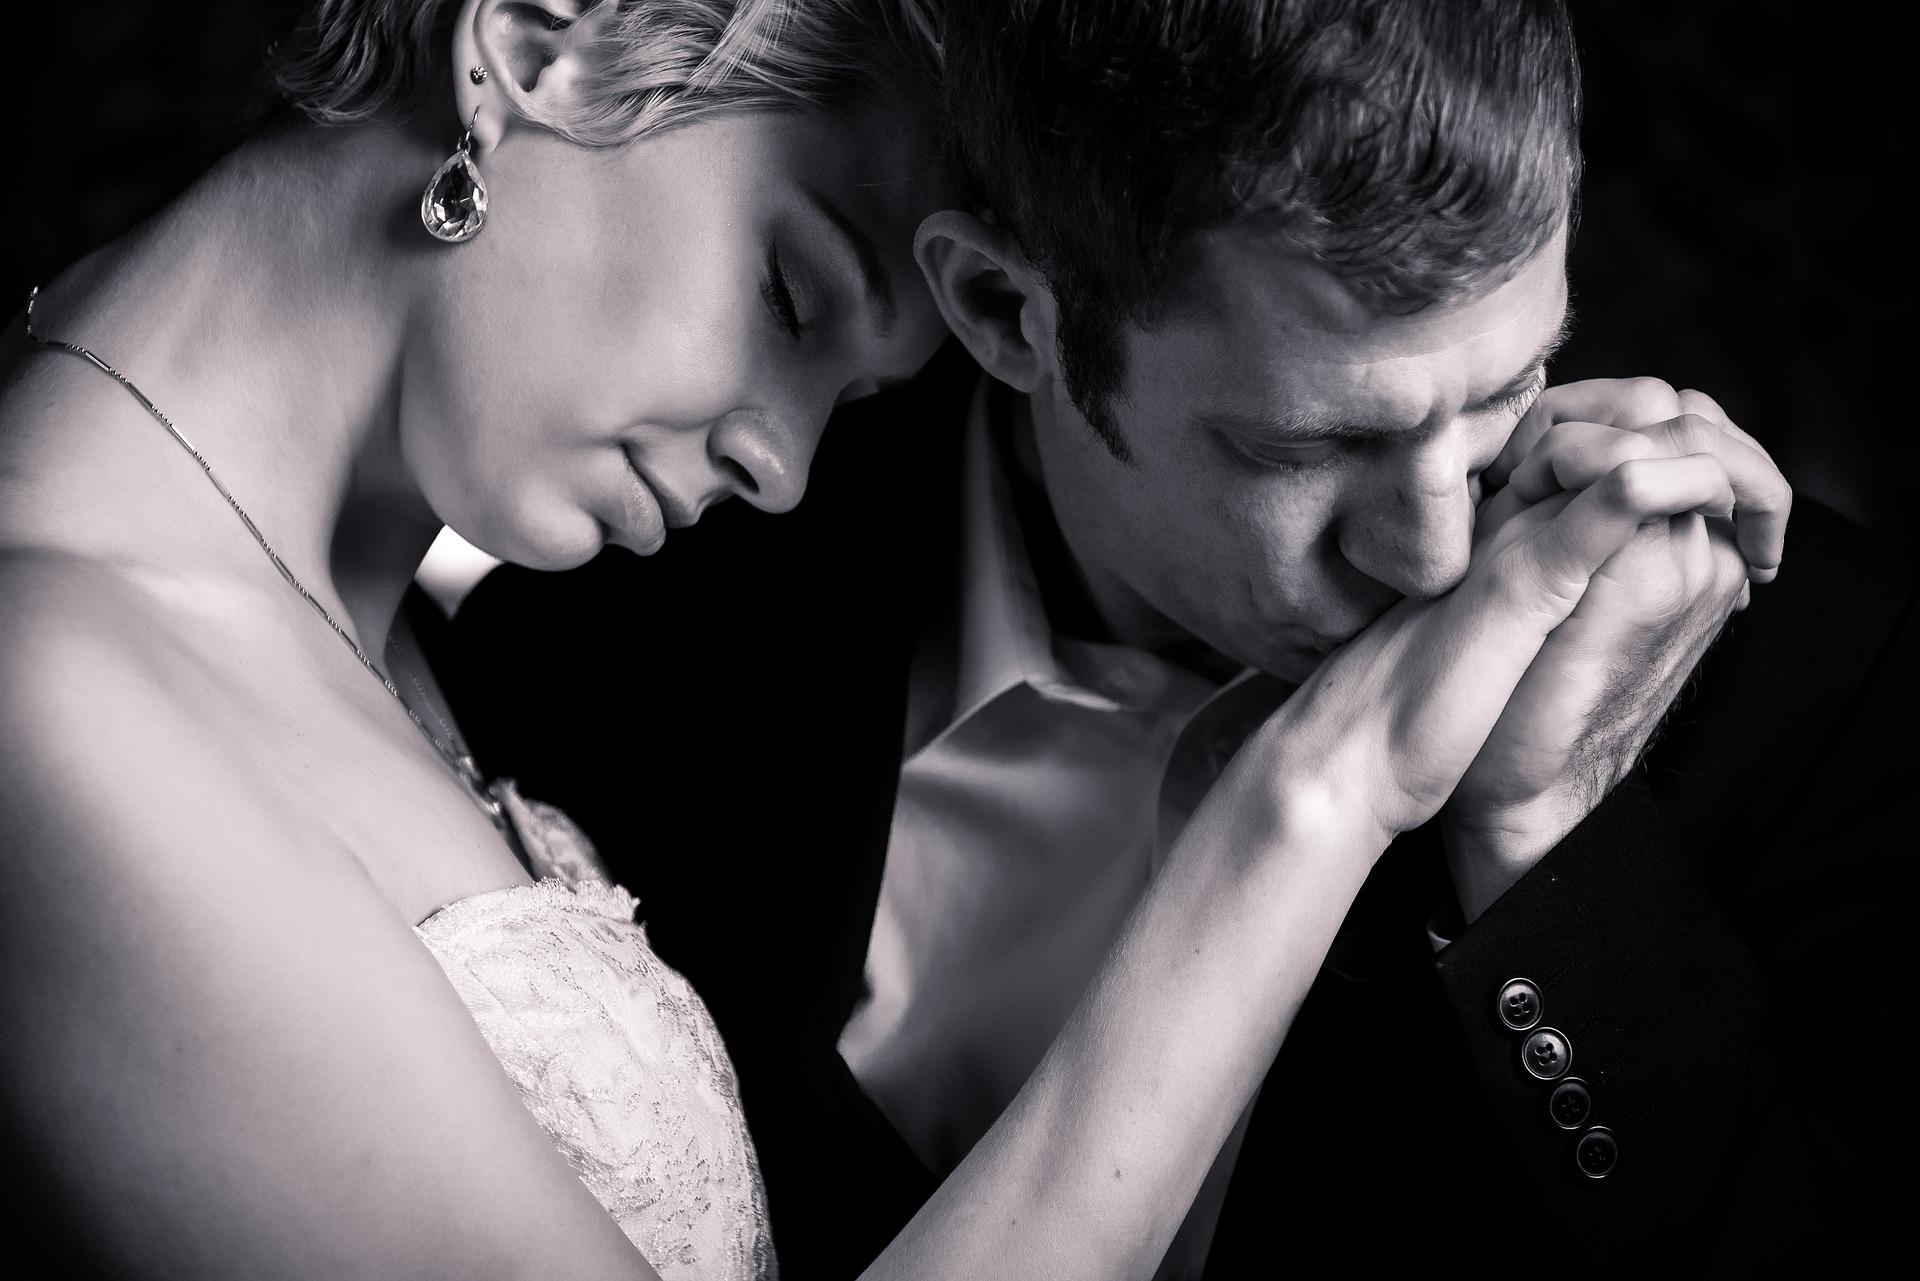 不倫の終わりをきれいにしたい女性必見!きれいな別れ方と間違った方法